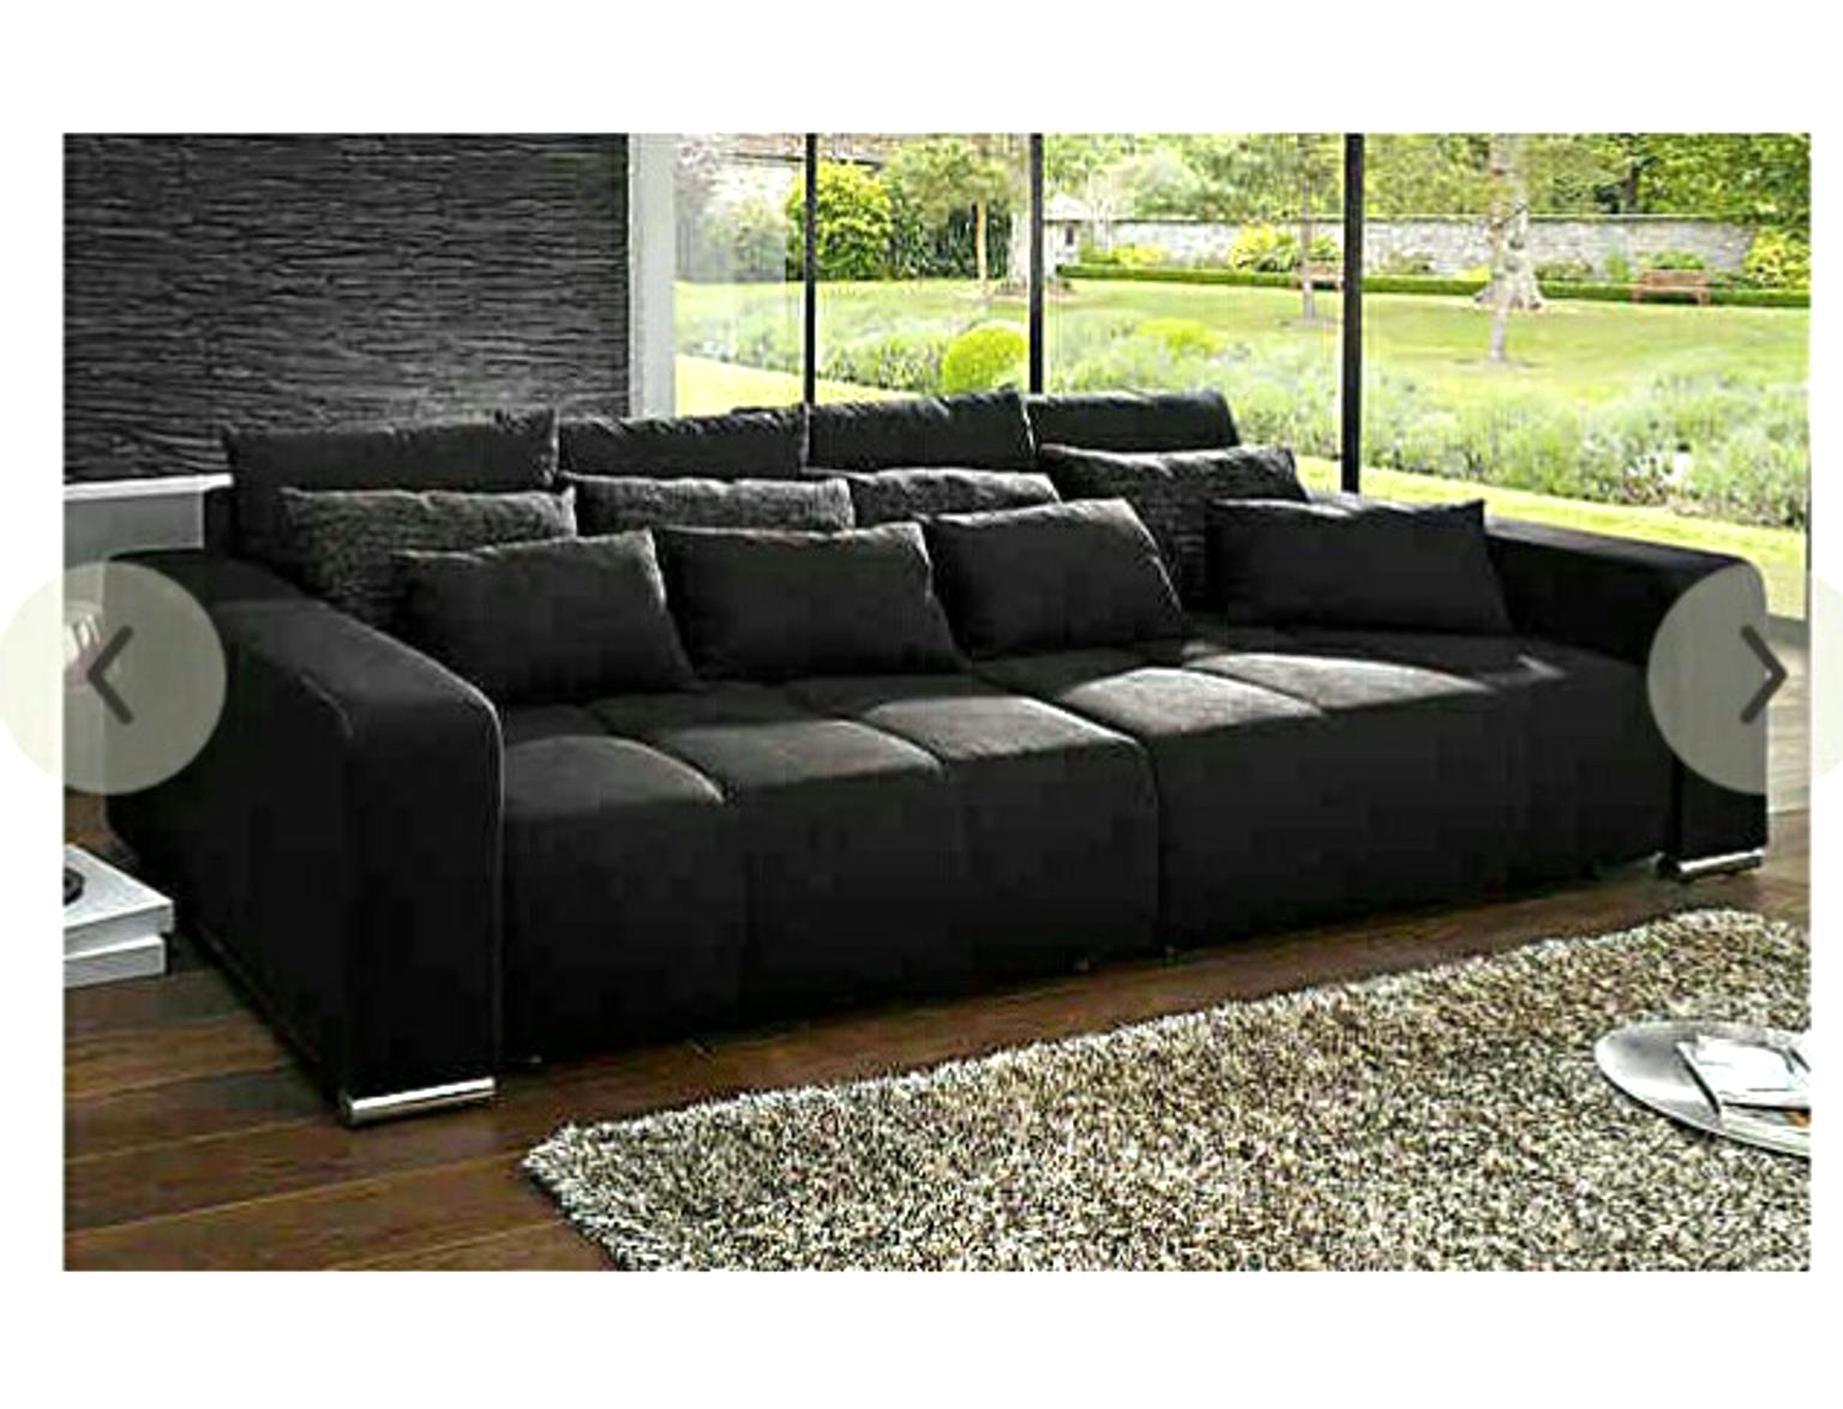 Big Sofa Xxl gebraucht kaufen Nur noch 3 St bis